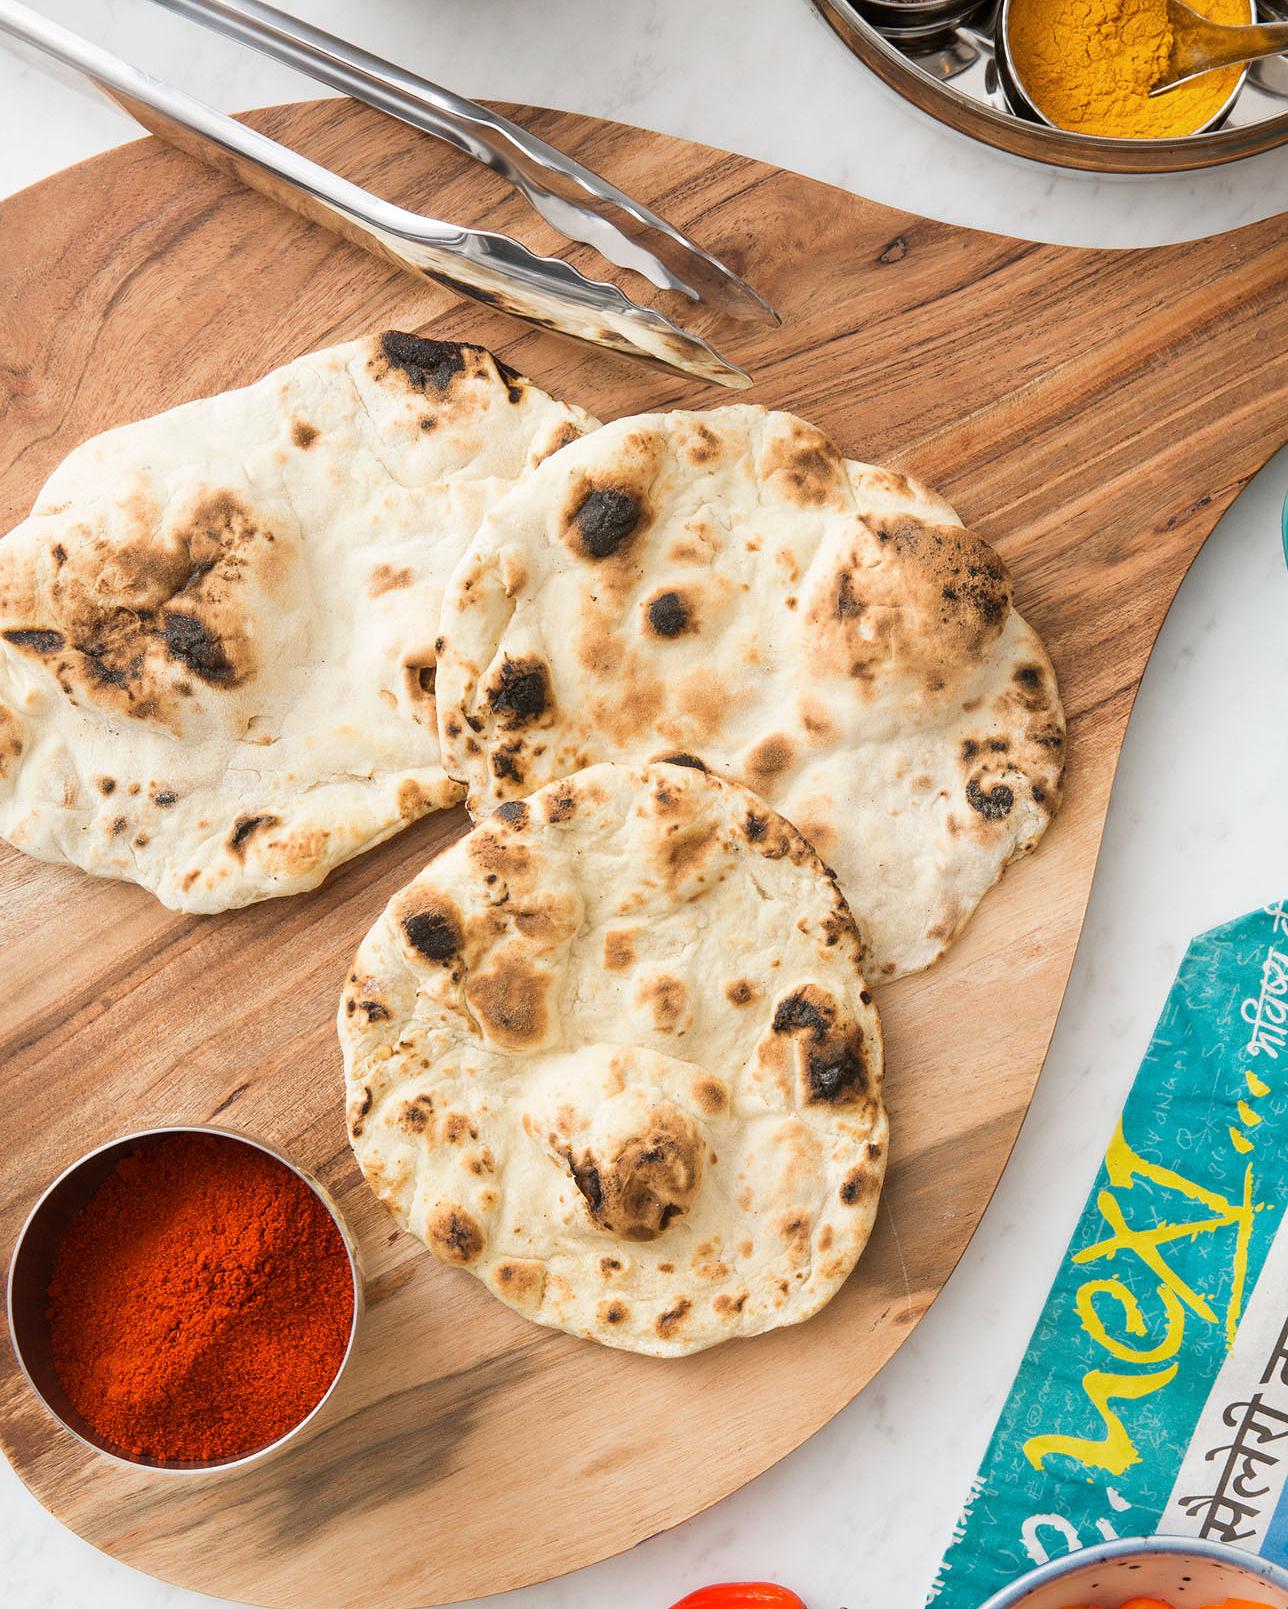 Maneet Chauhan's Homemade Naan